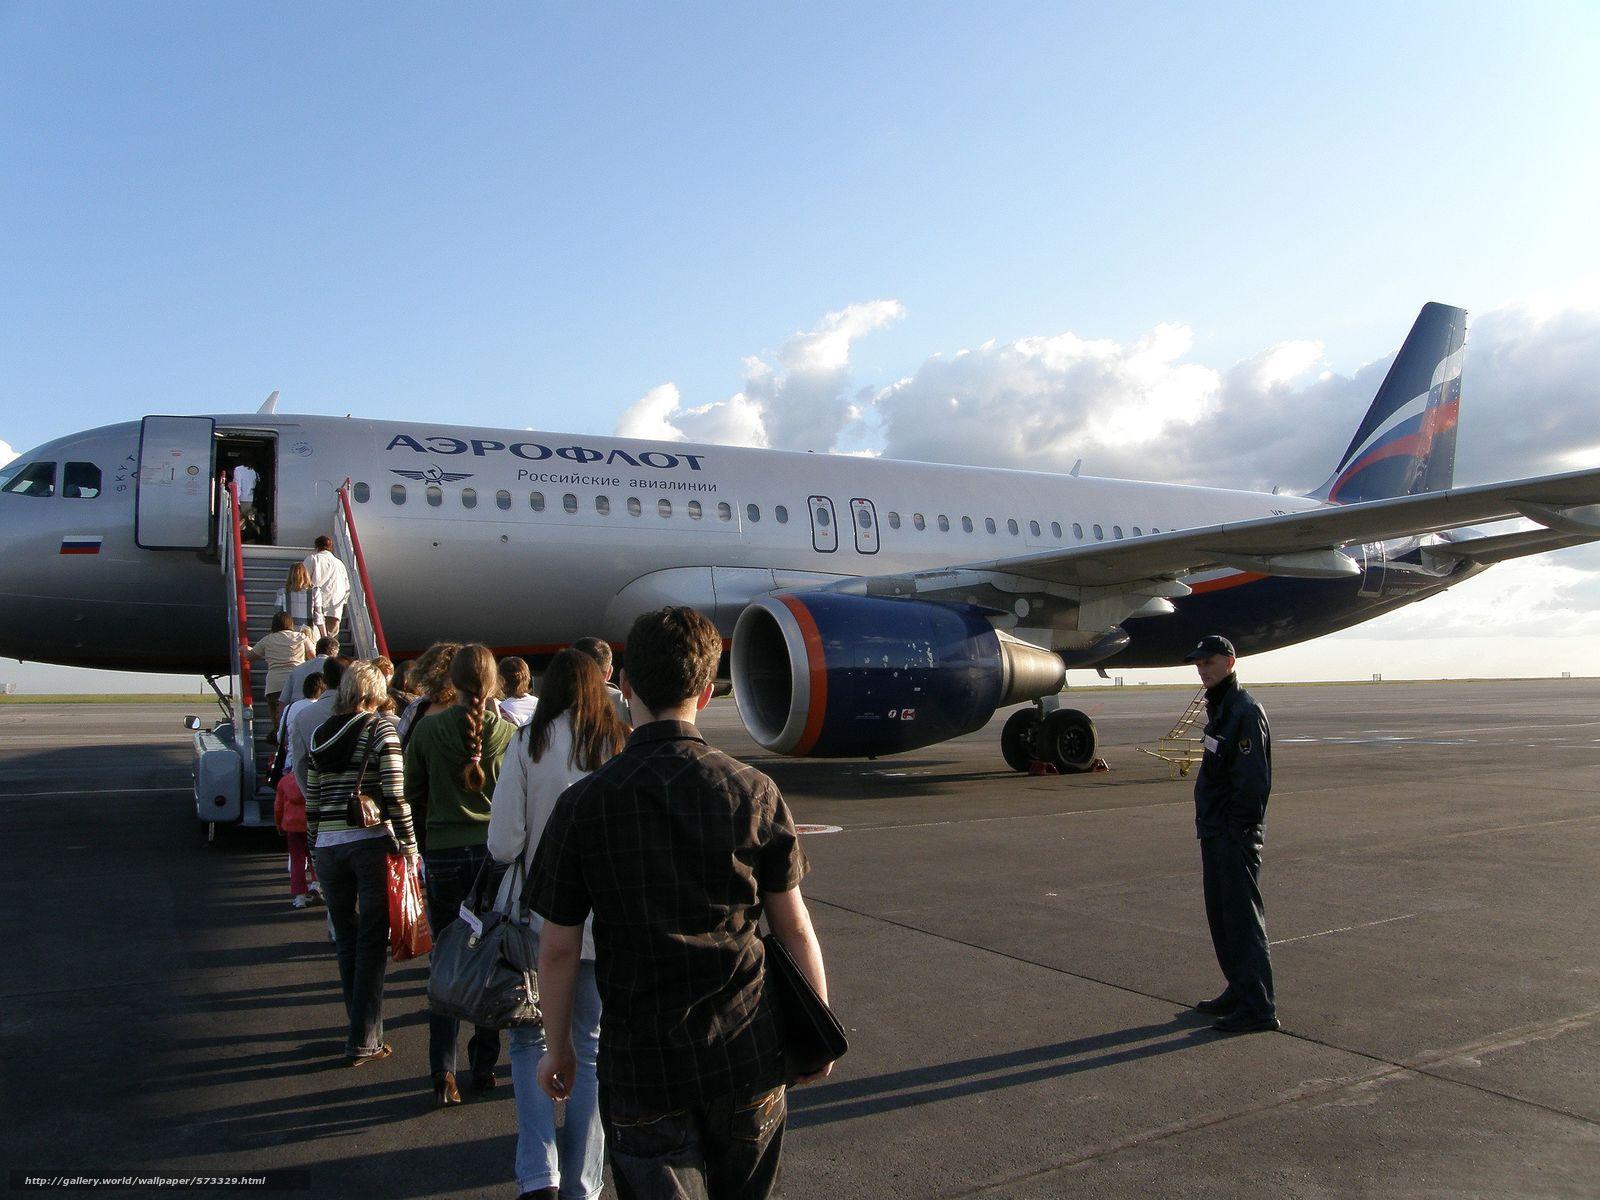 Скачать обои Самолёт.авиация,  самолёты.транспорт,  люди,  аэропорт.боинг бесплатно для рабочего стола в разрешении 3264x2448 — картинка №573329